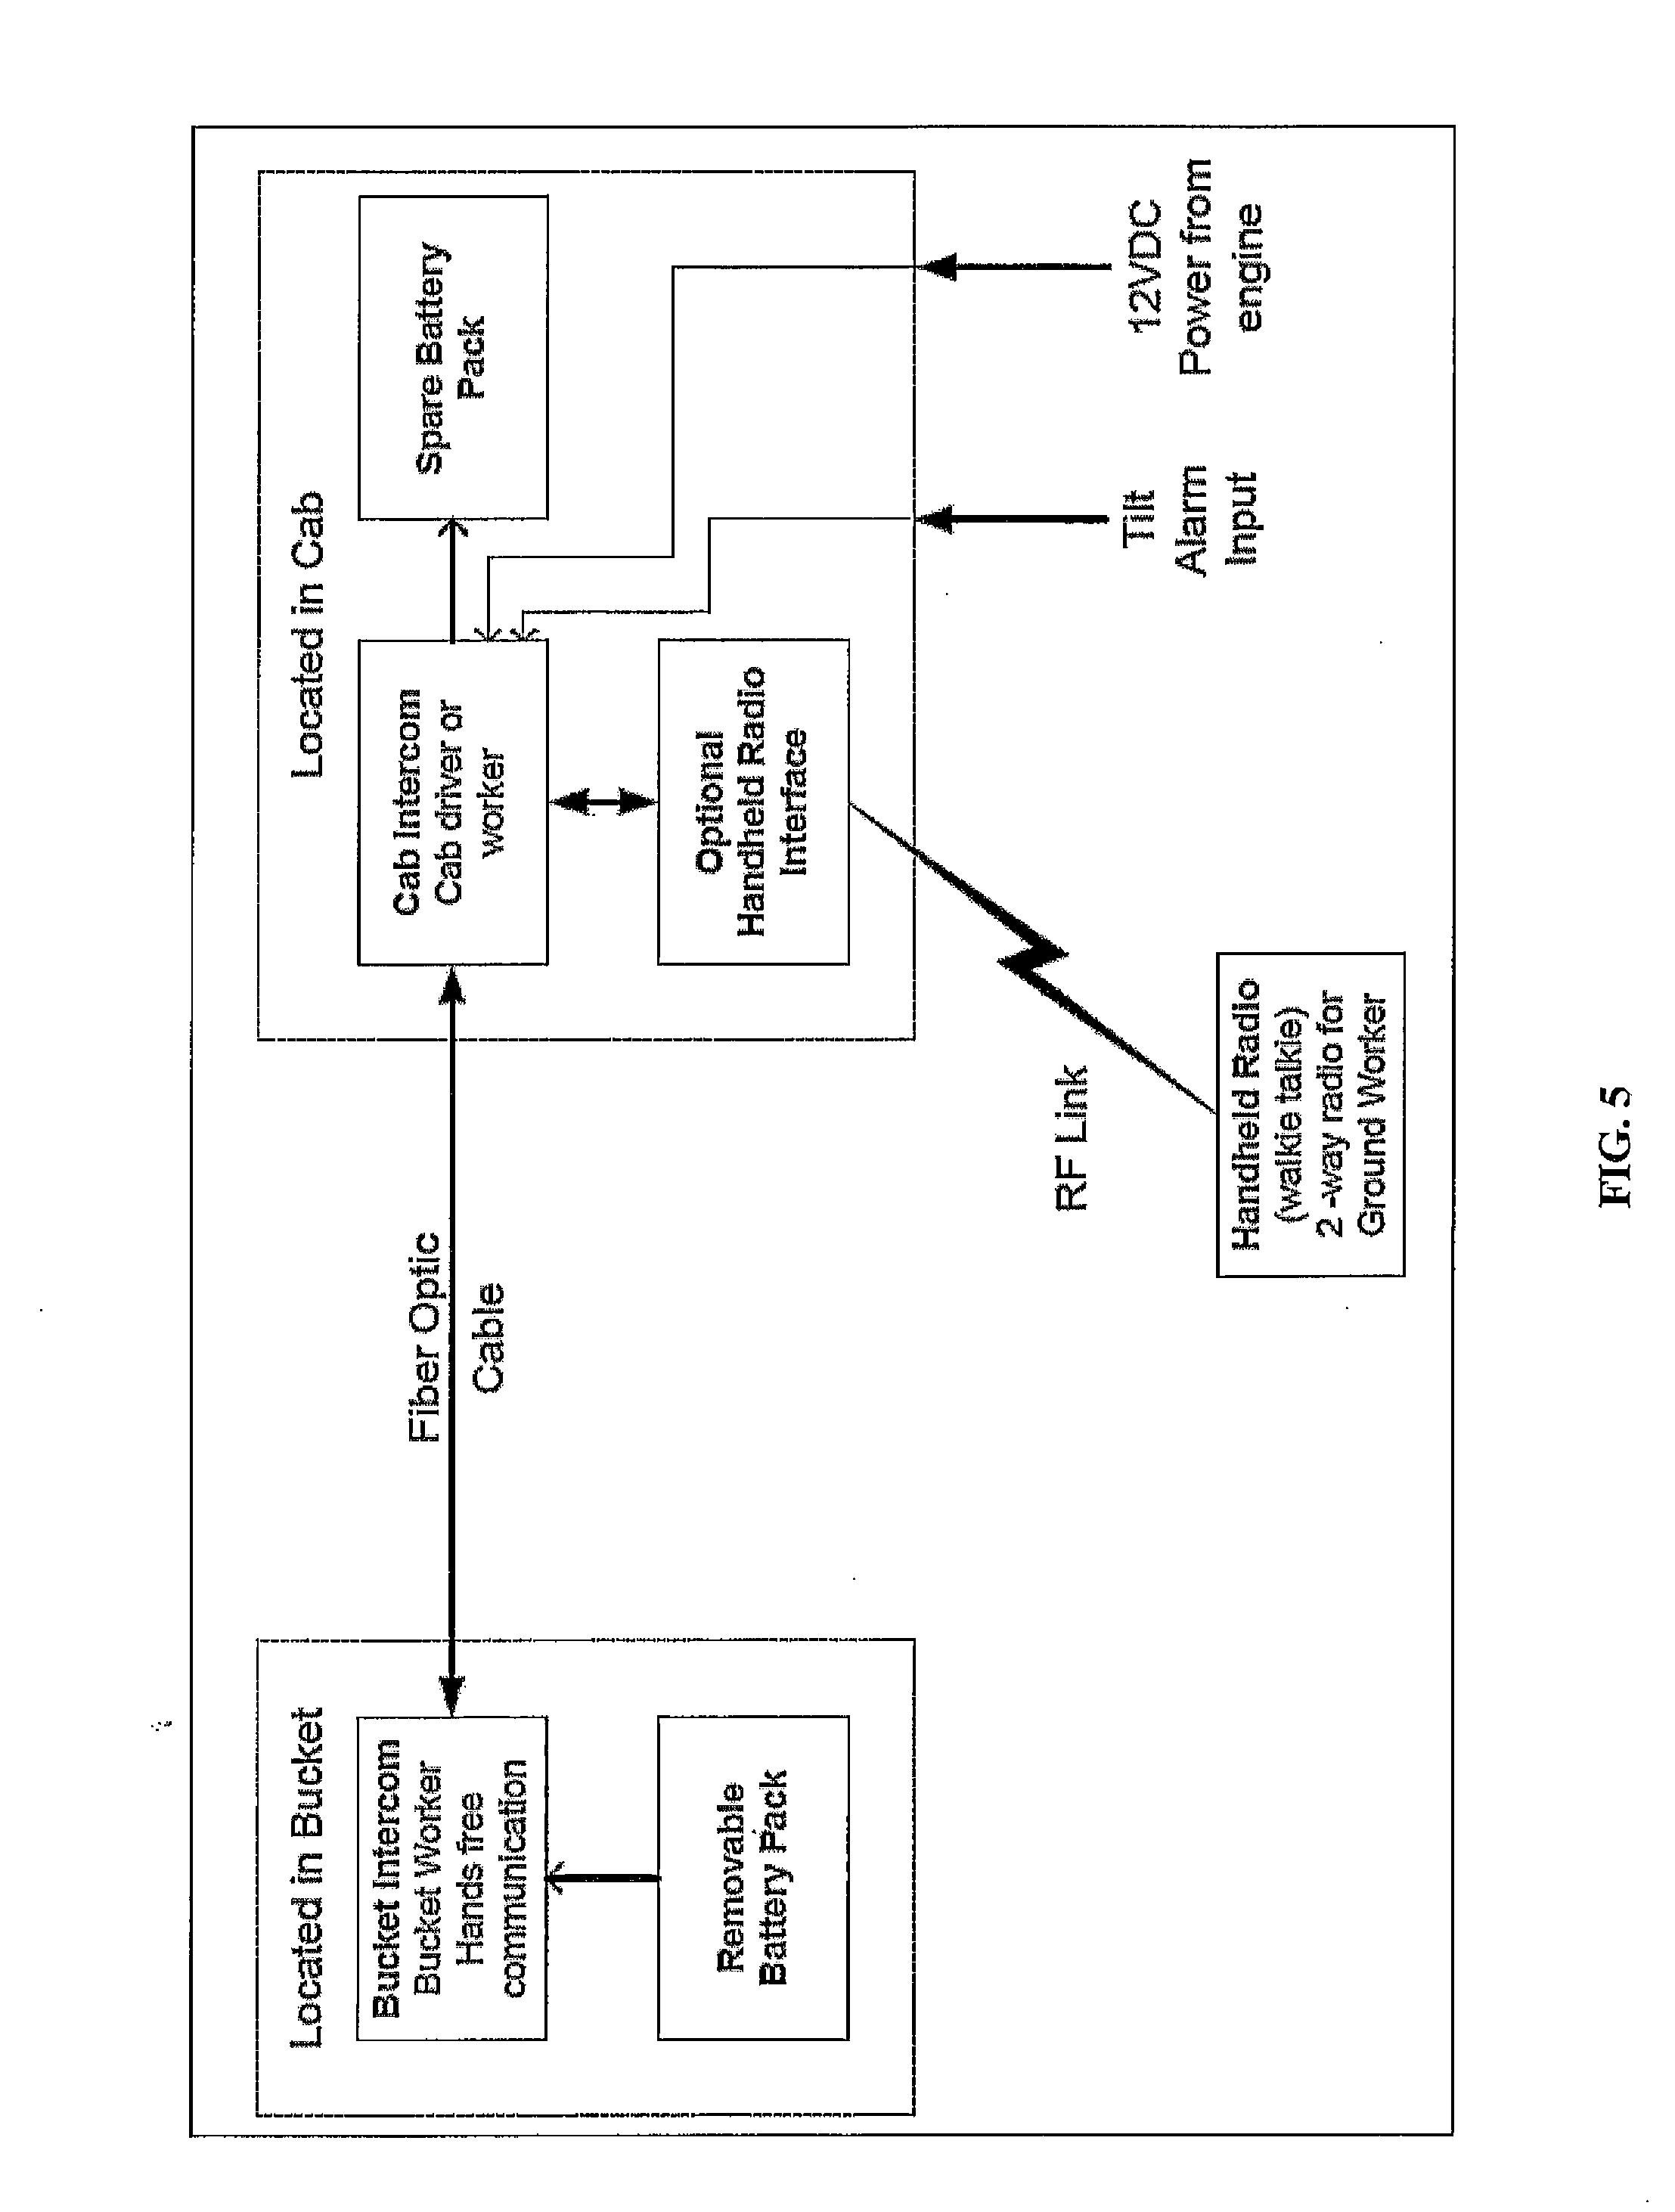 Amazing Dmc1 Wiring Diagram Basic Electronics Wiring Diagram Wiring Database Ittabxeroyuccorg